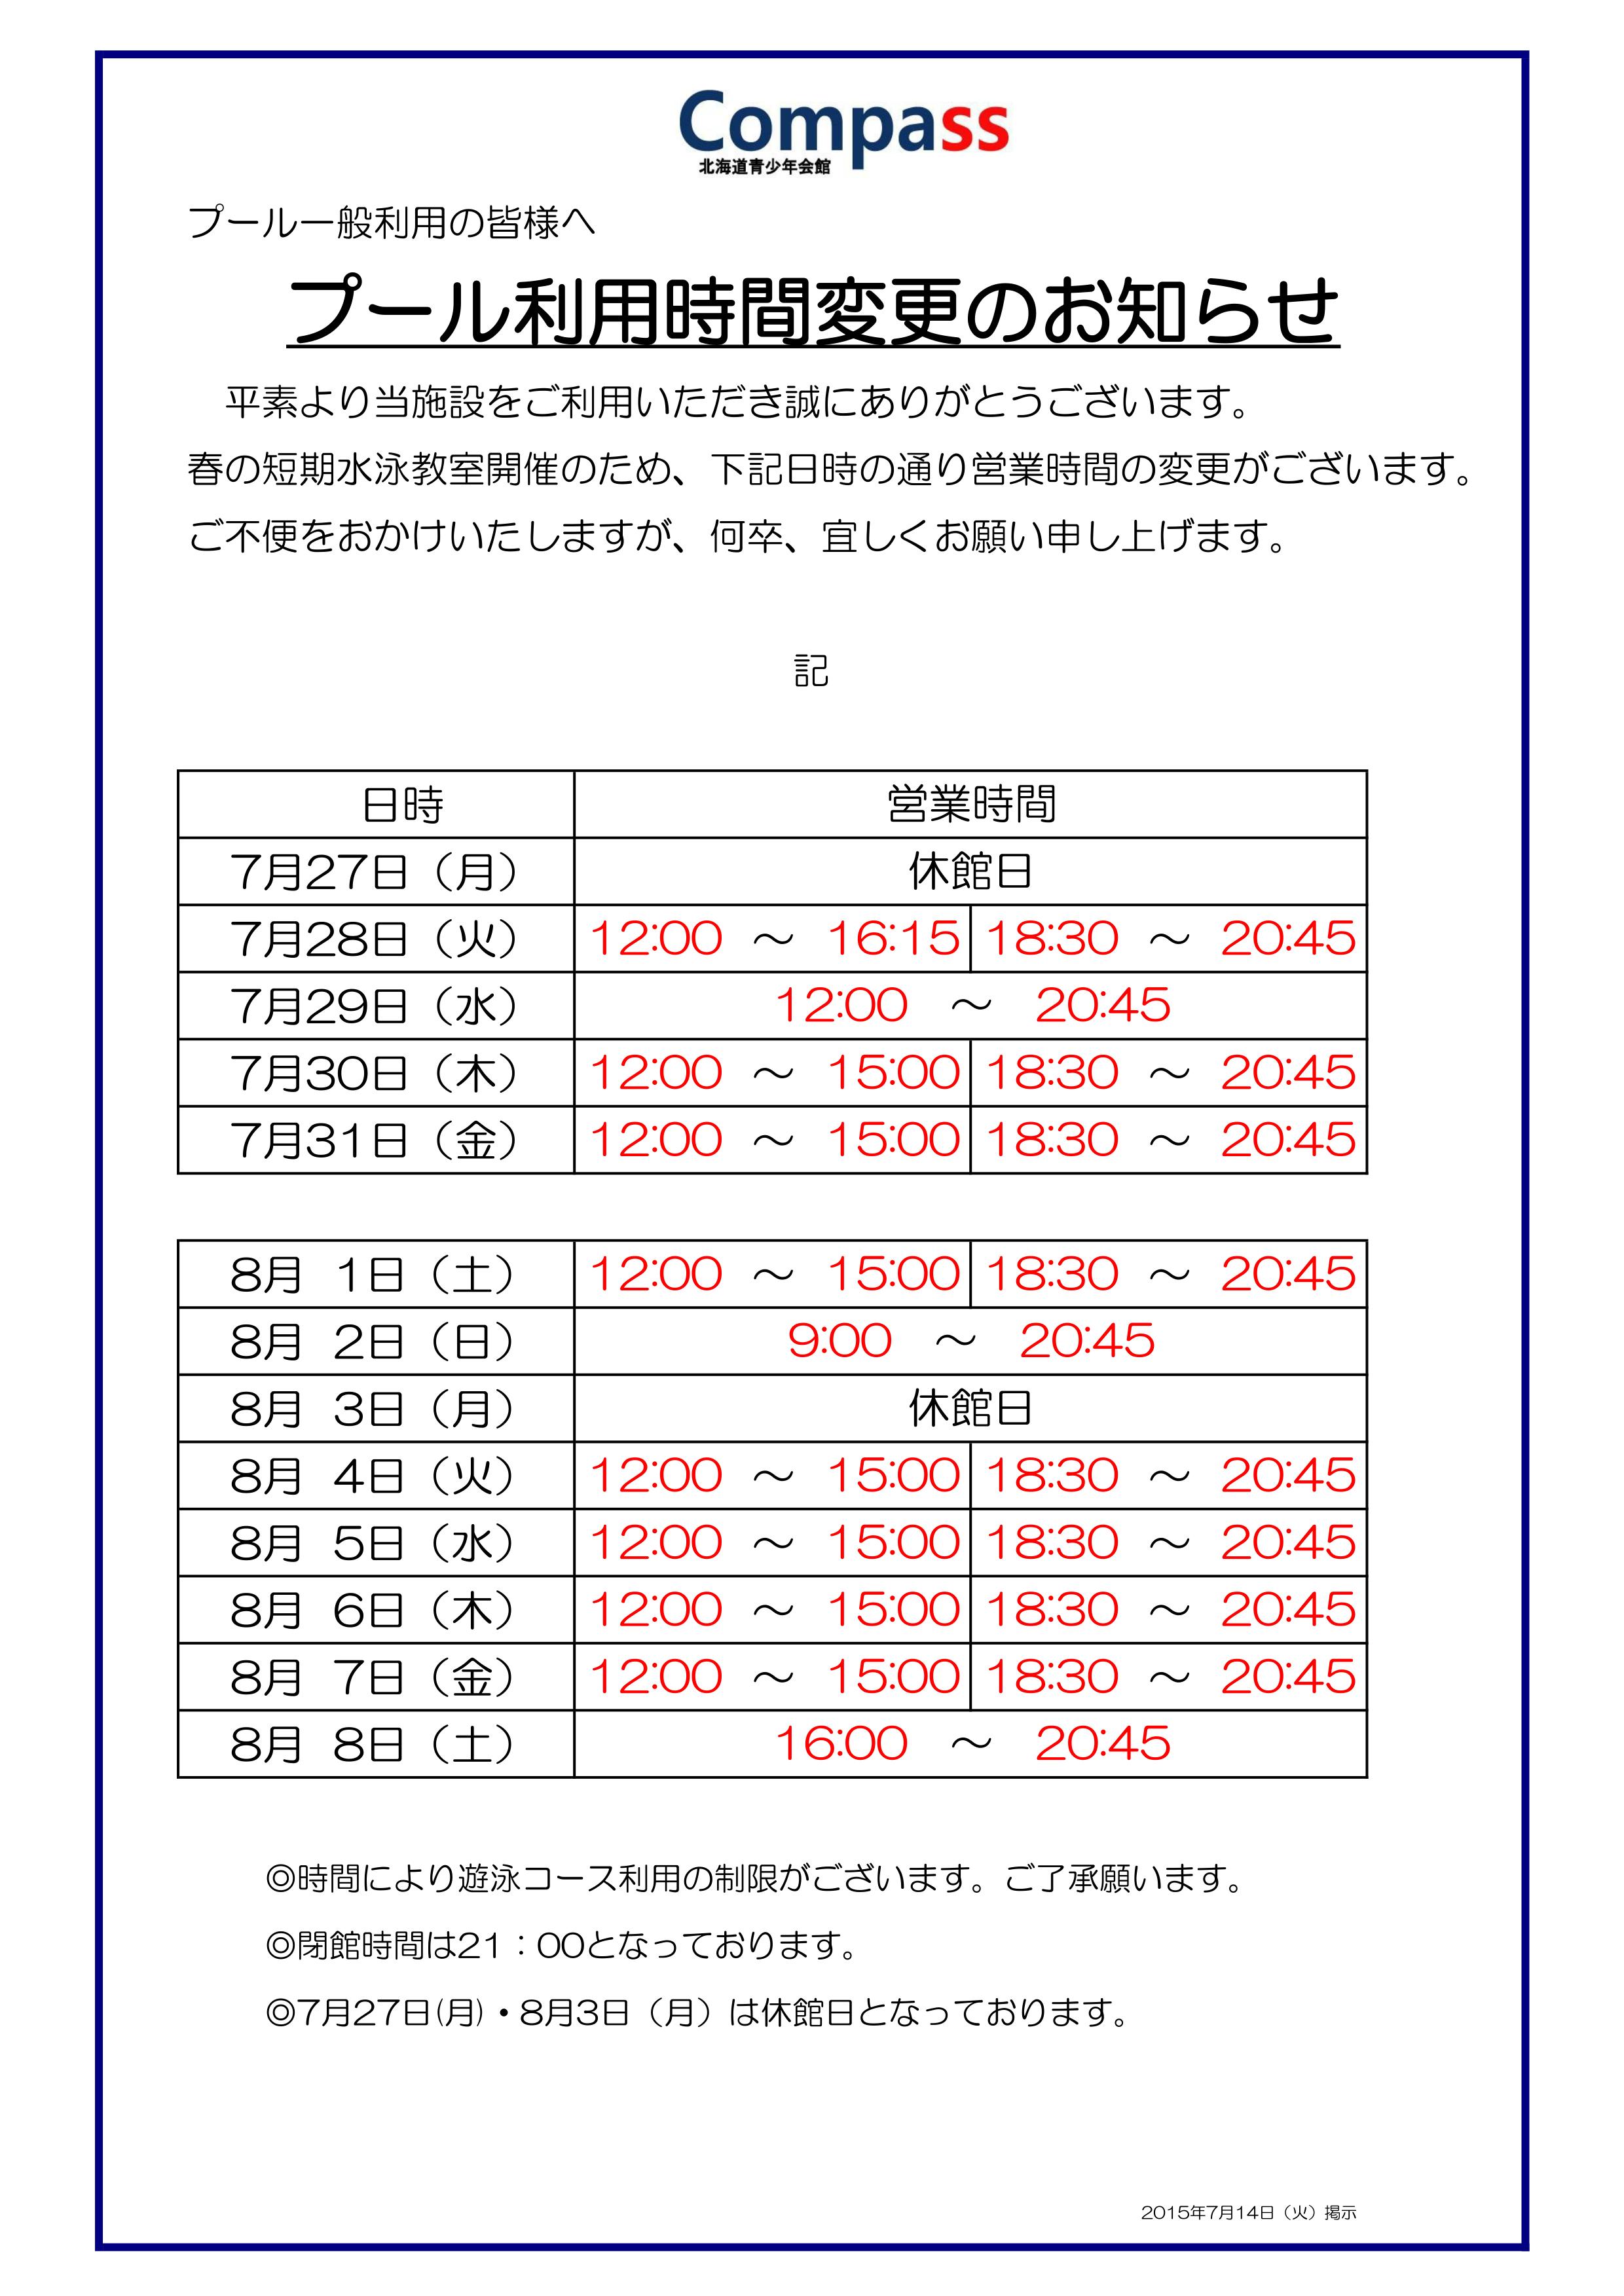 7-8月プール営業時間変更について